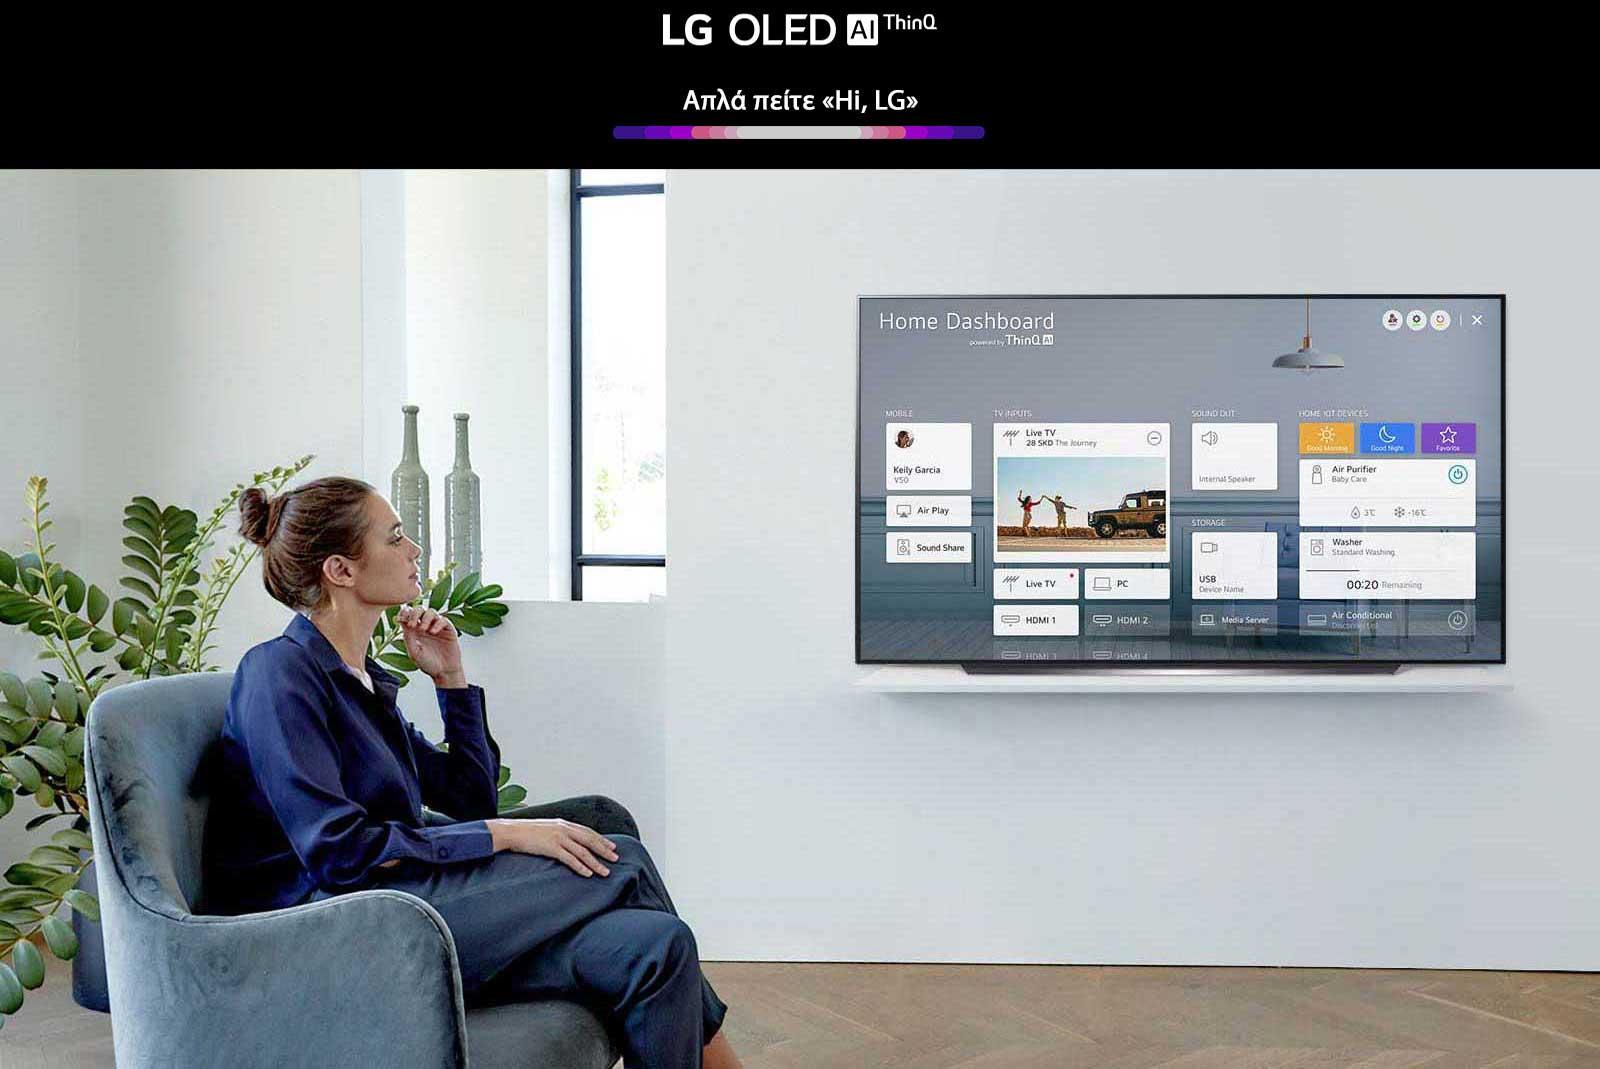 TV-OLED-GX-03-ThinQ-AI-ThinQ-Desktop_v3.jpg (1600×1069)